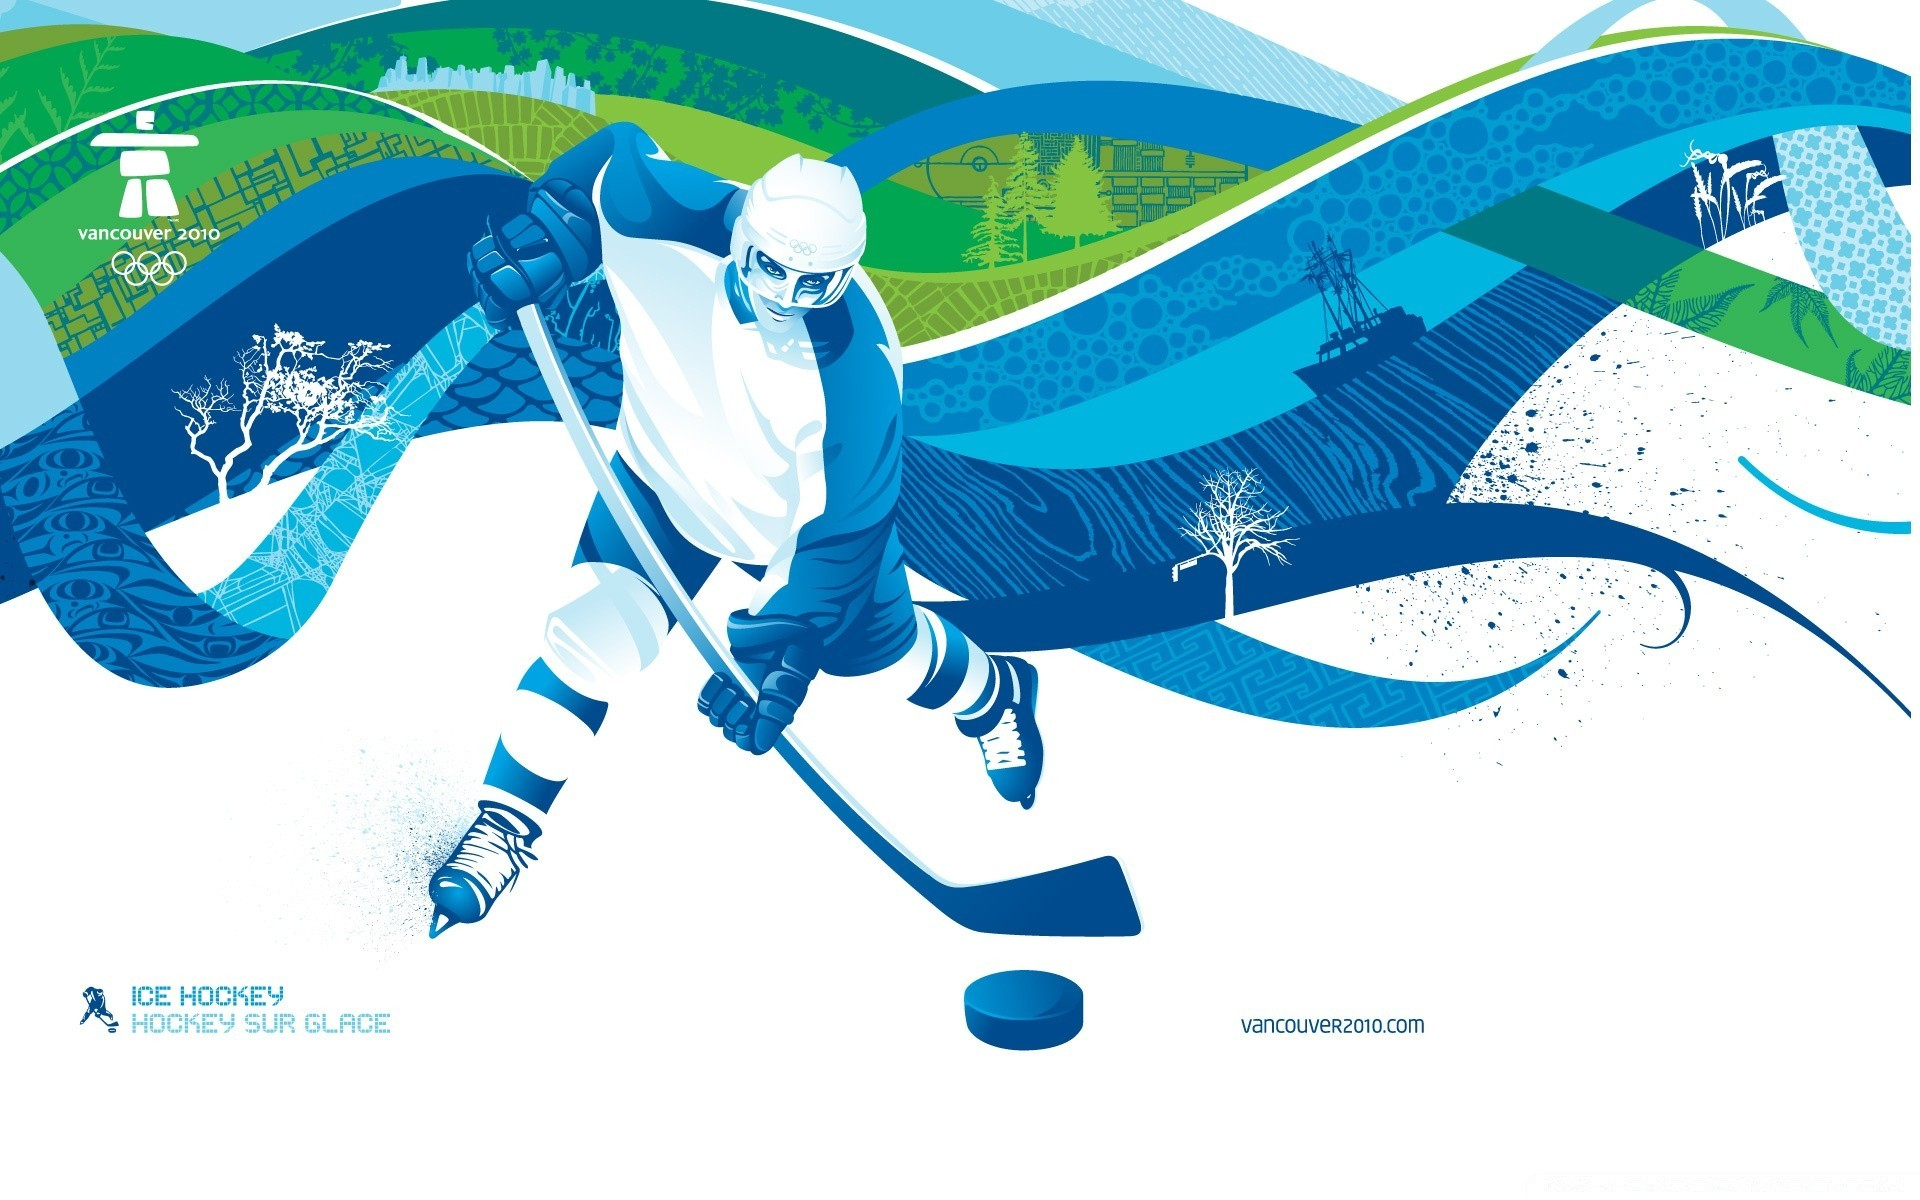 фоновые картинки спортивной тематики